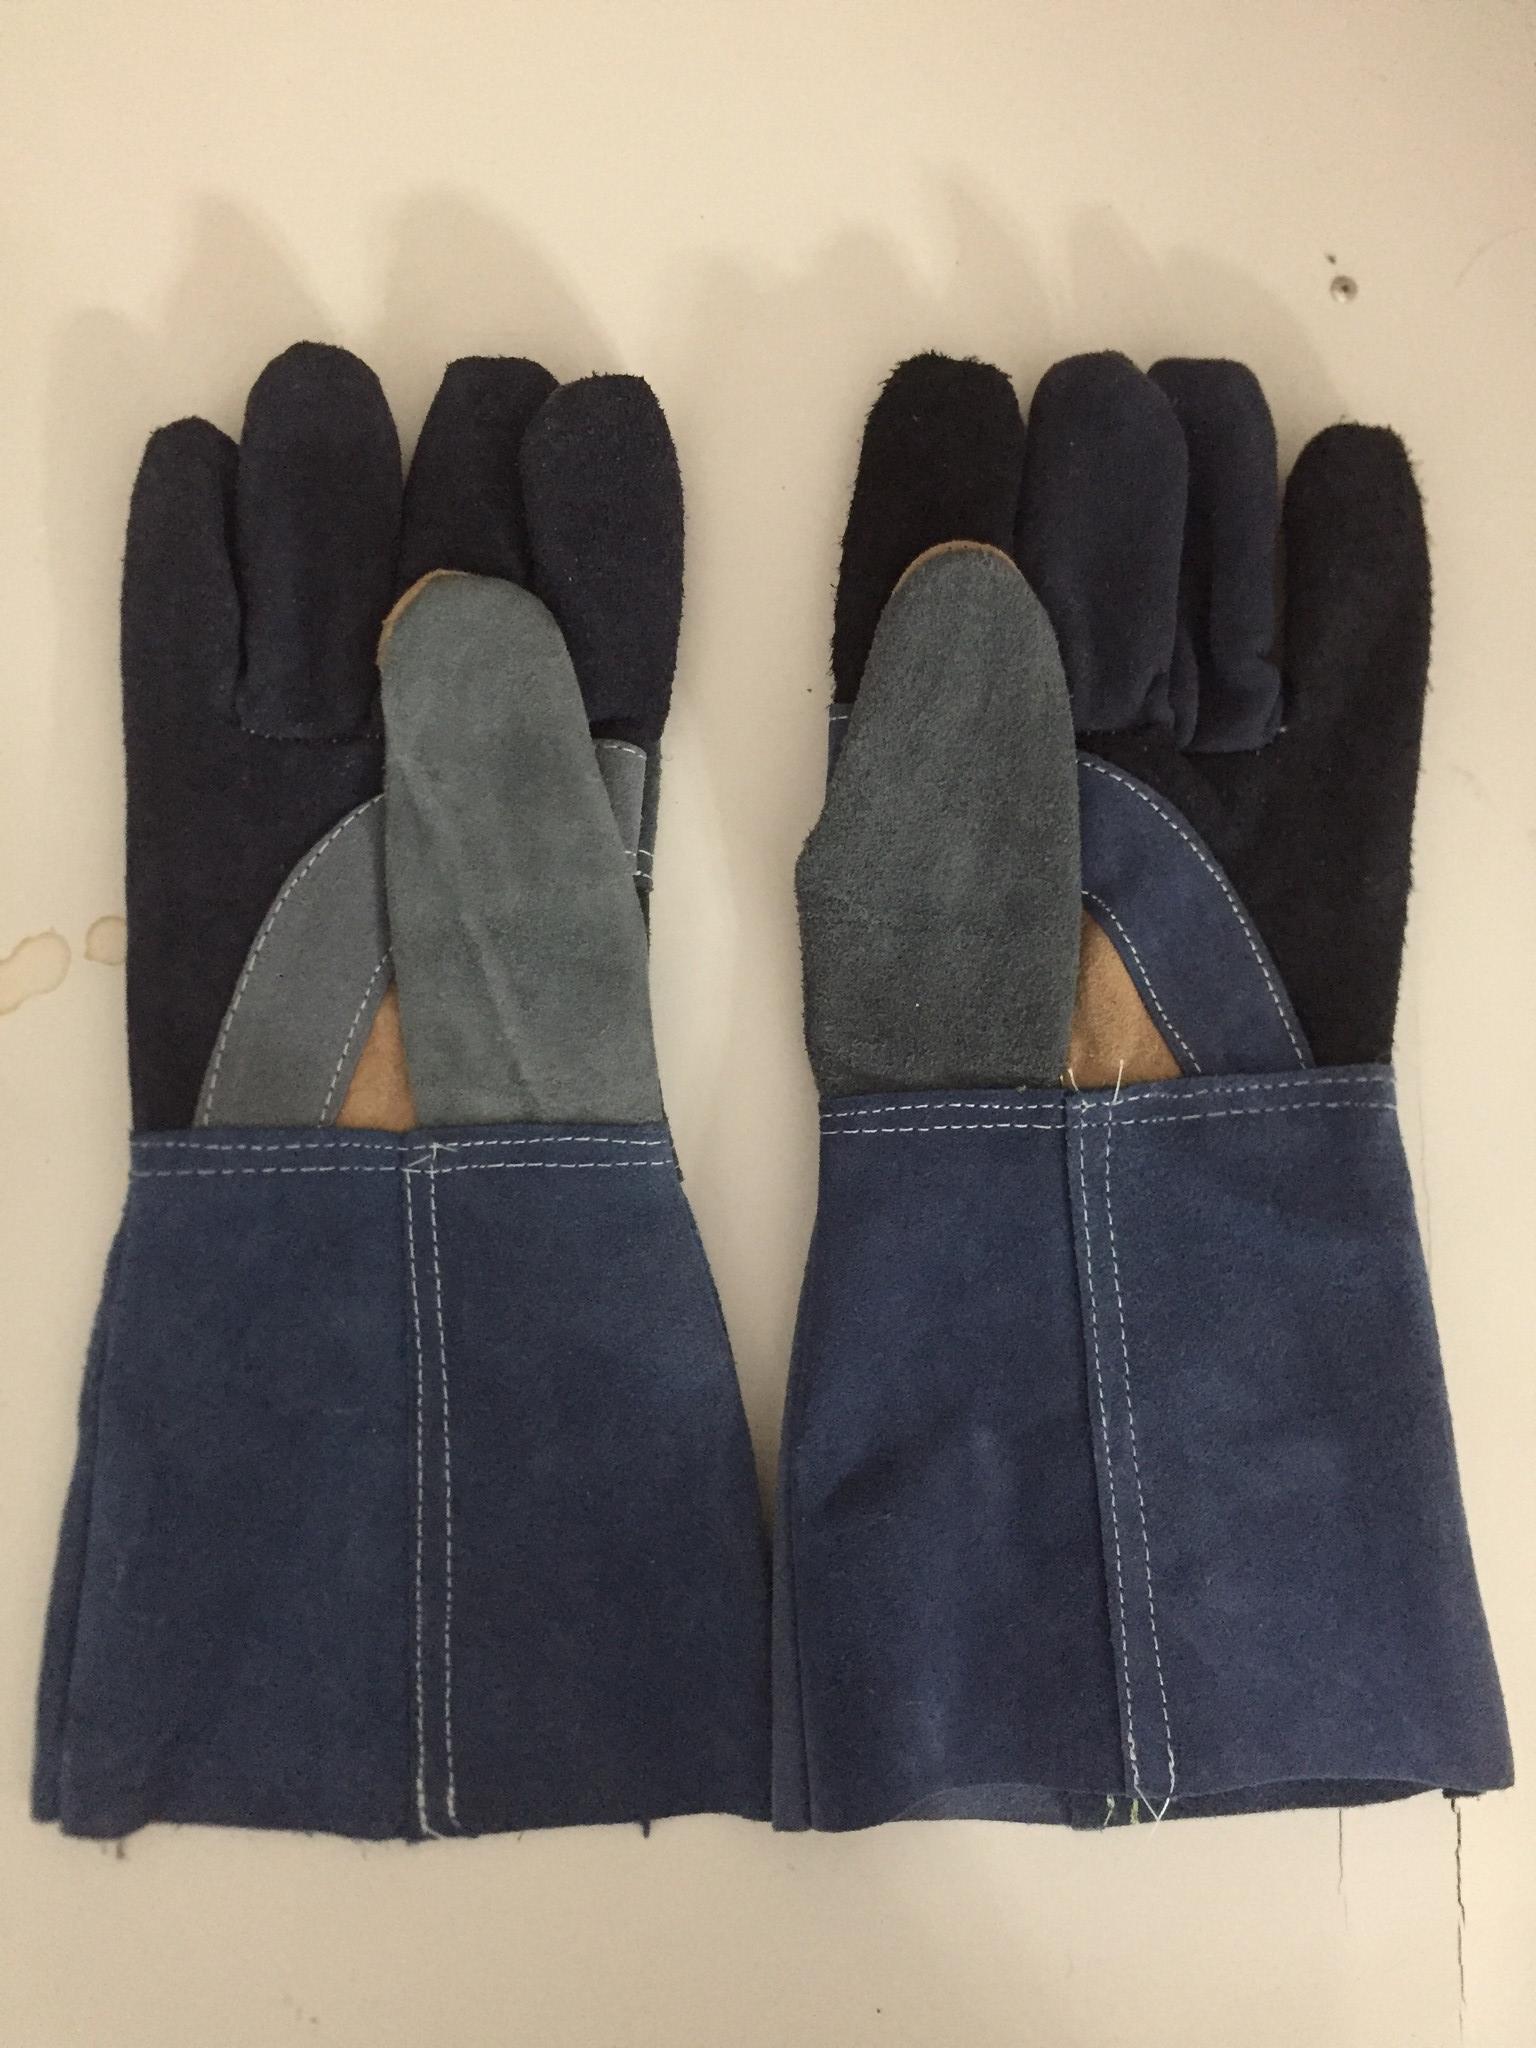 Kết quả hình ảnh cho găng tay da hàn